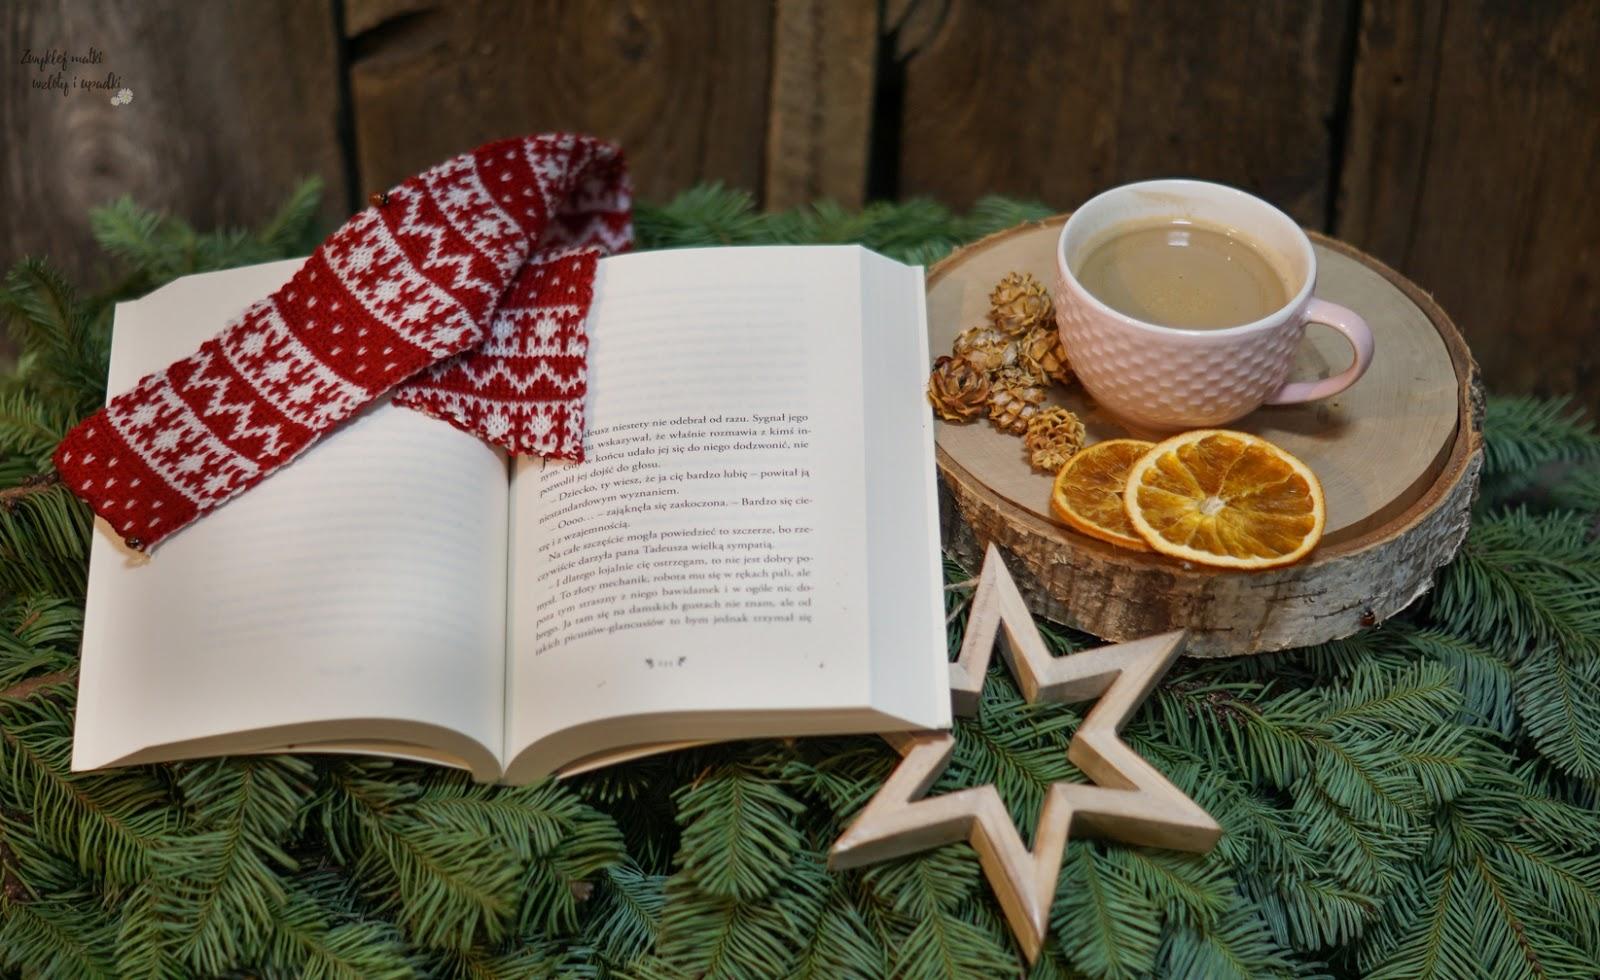 Świąteczne książki pod choinkę, czyli Pejzaż z Aniołem